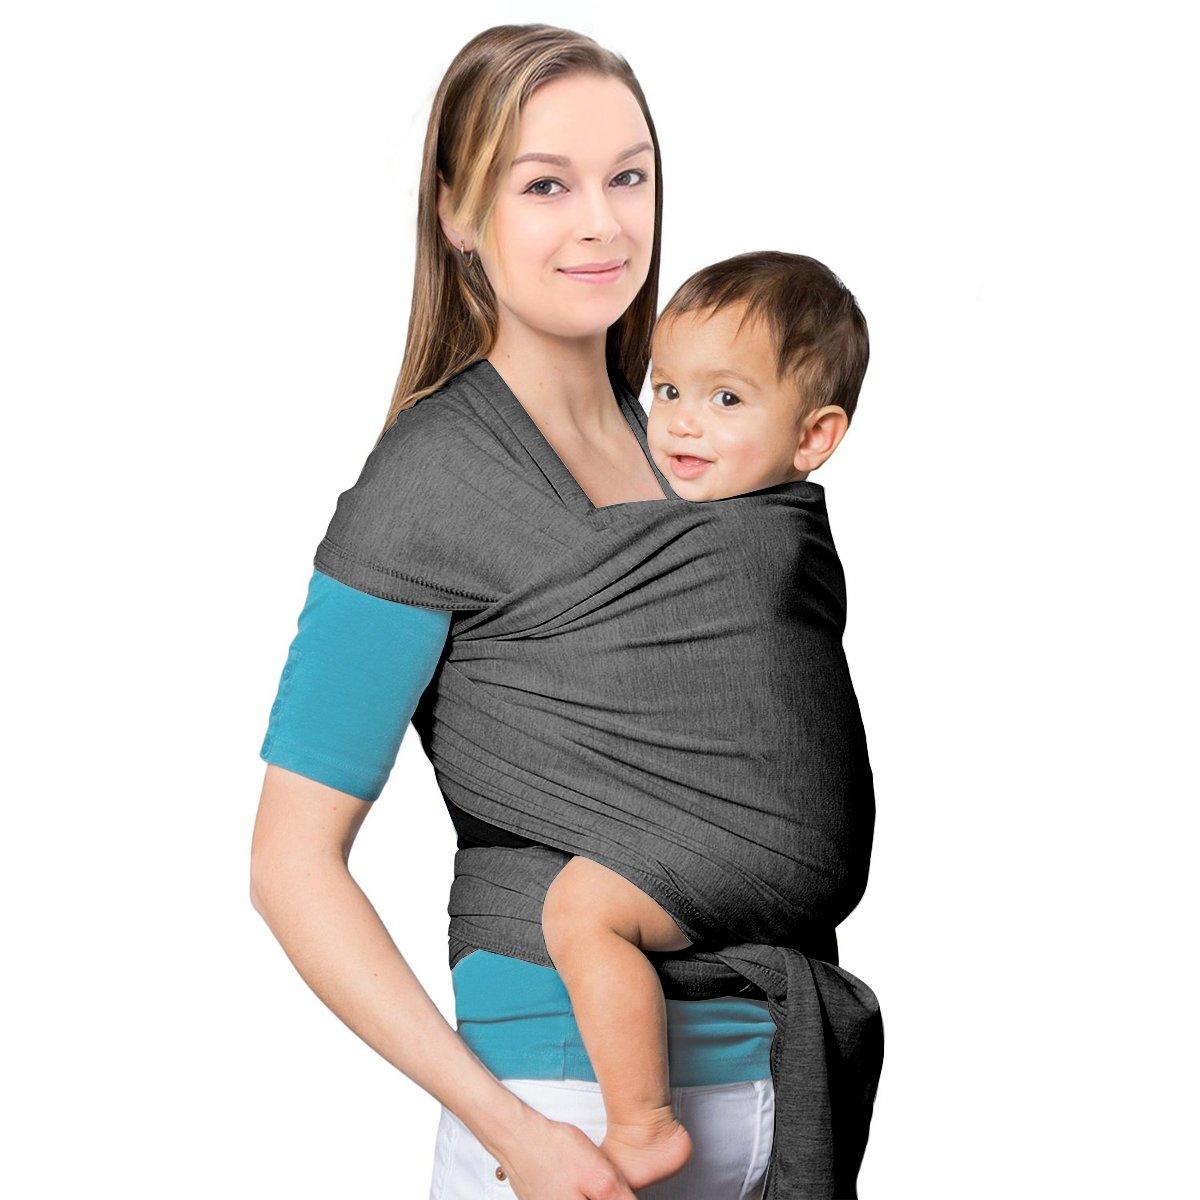 MTURE Babytragetuch, Babytrage für Männer und Frauen,Tragetuch Tragehilfe Sling Baby (Grau) 620BJ01gr